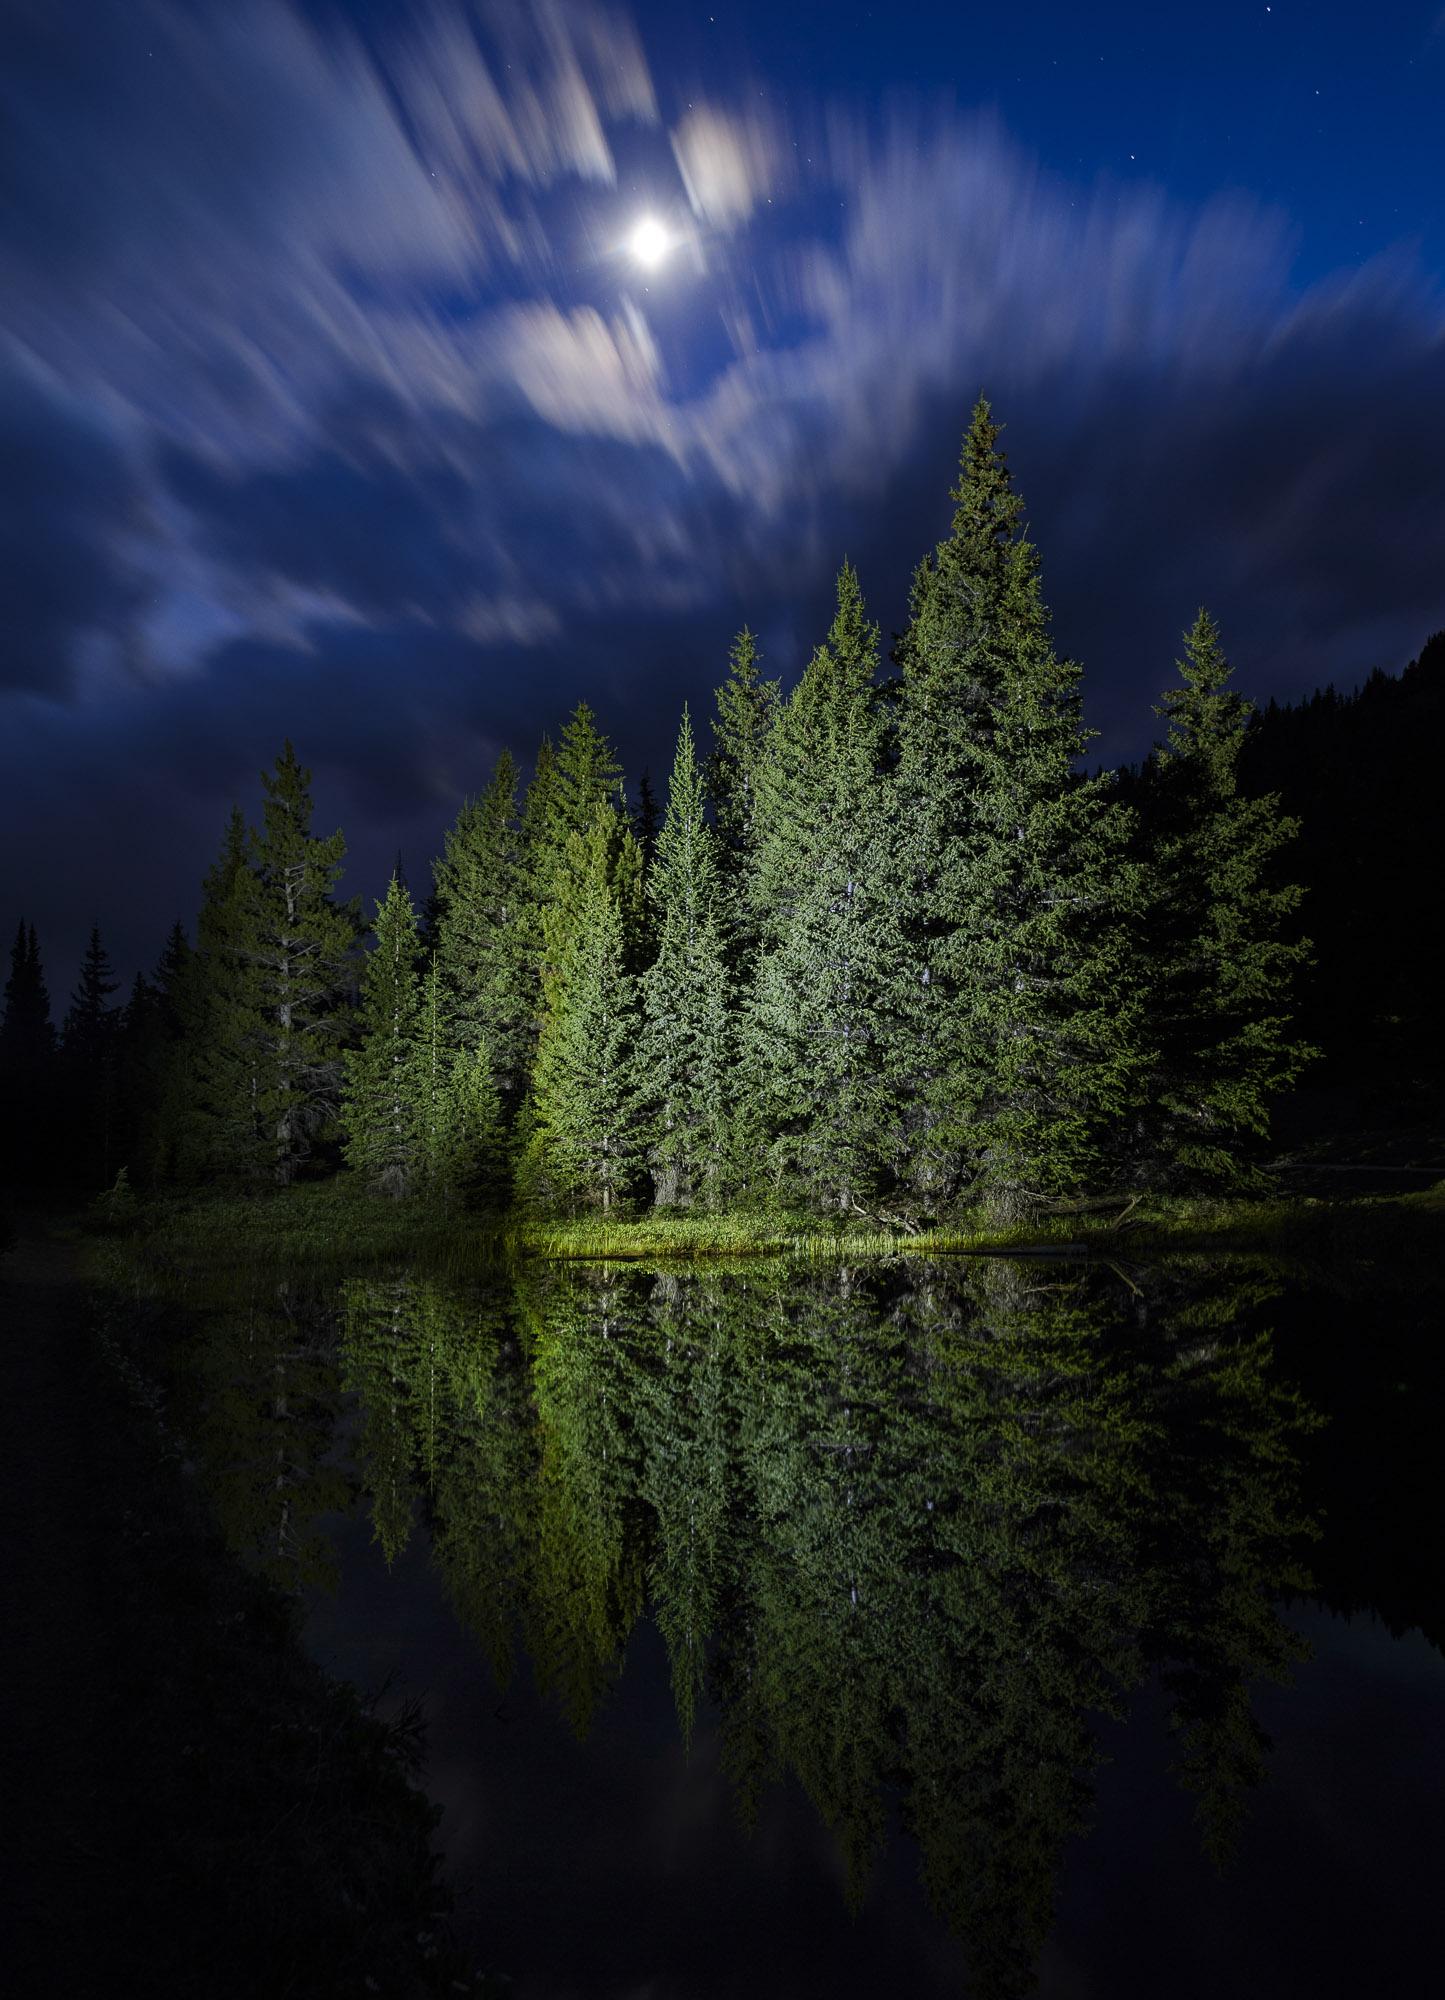 Rocky Mountain_Nicholson__LH21743-E.jpg